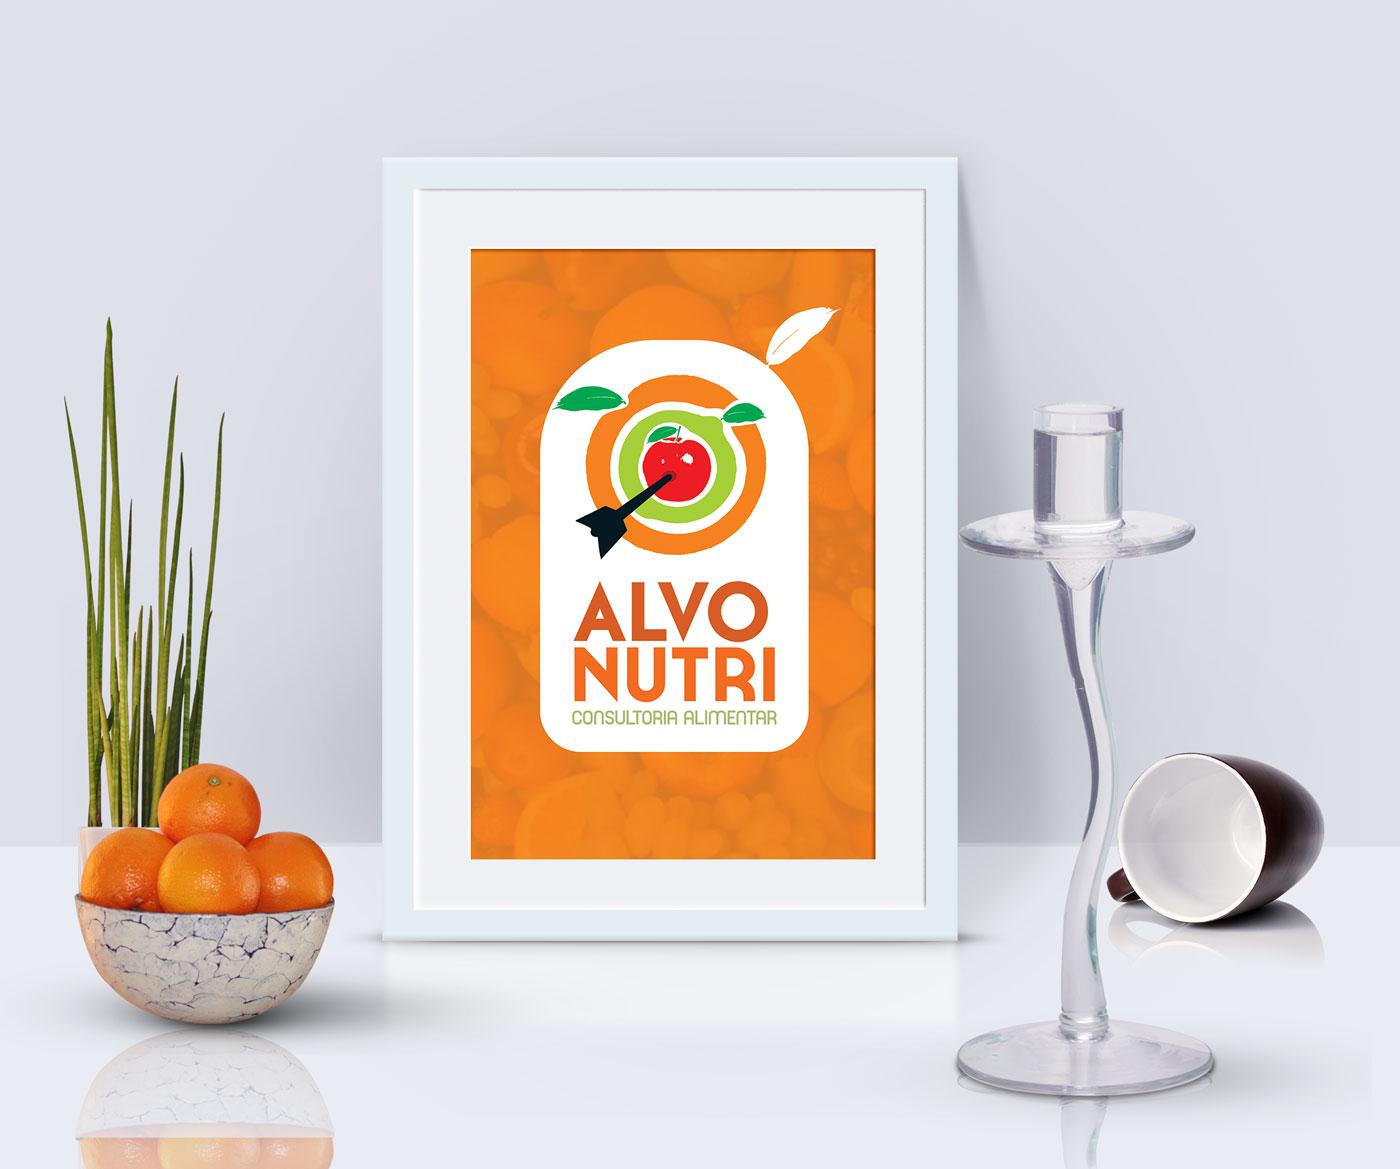 lamina_logo_alvo_nutri